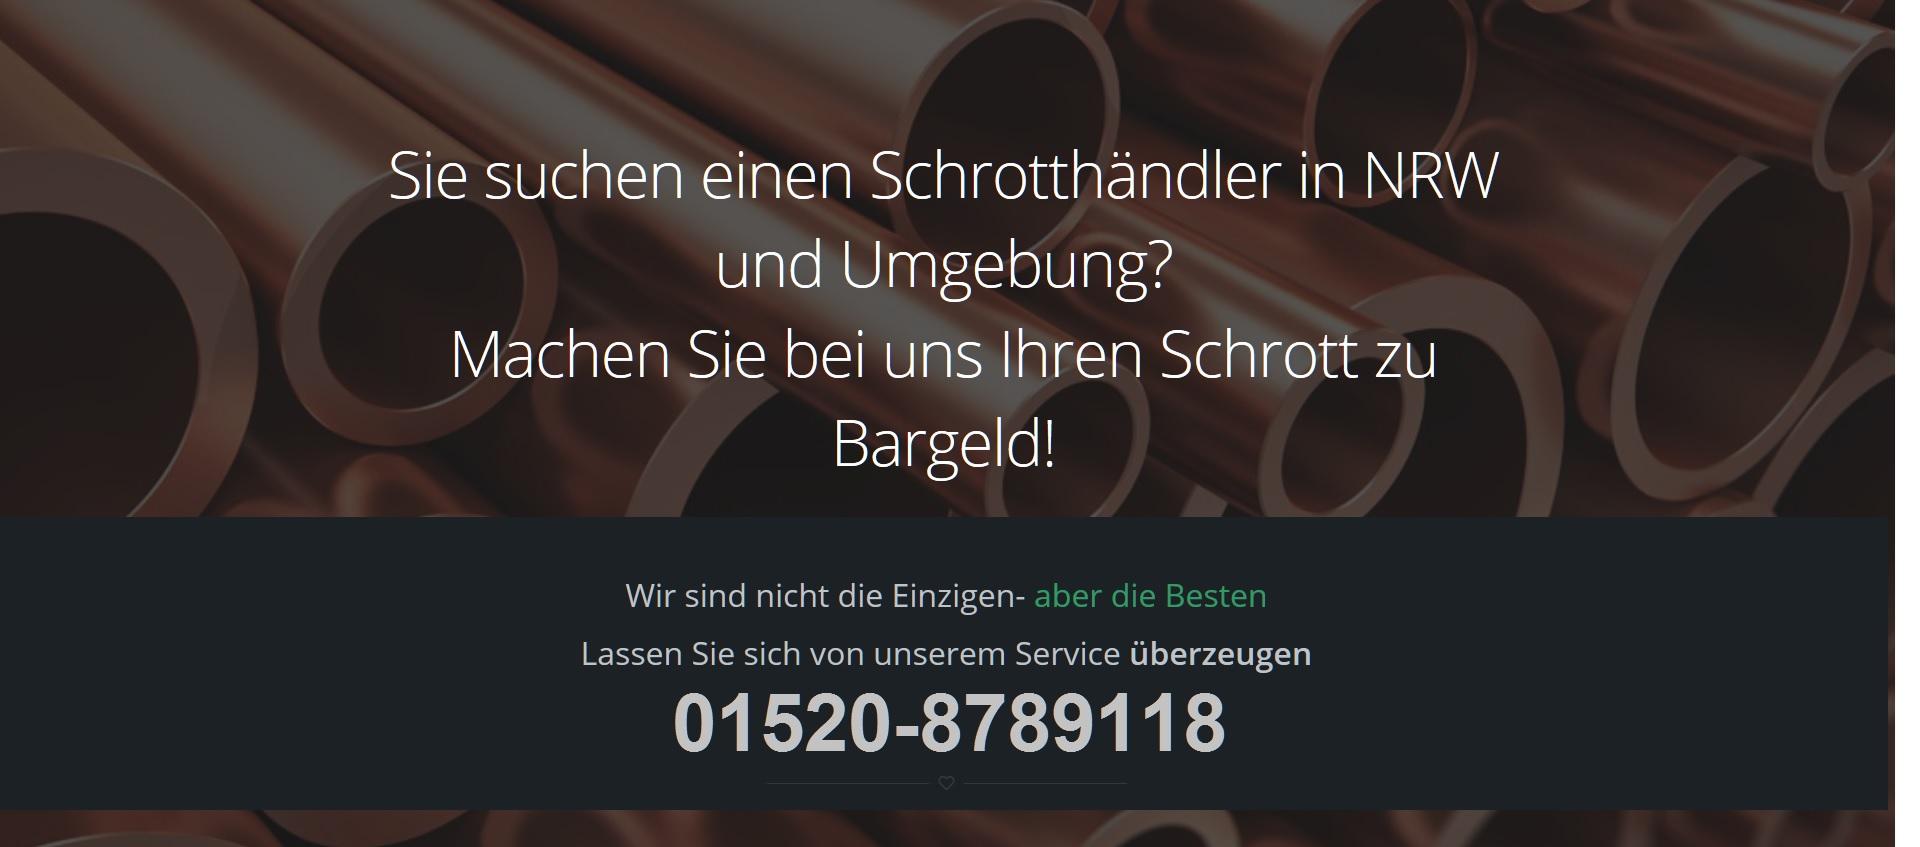 Schrottabholung Dortmund - Schrotthändler NRW